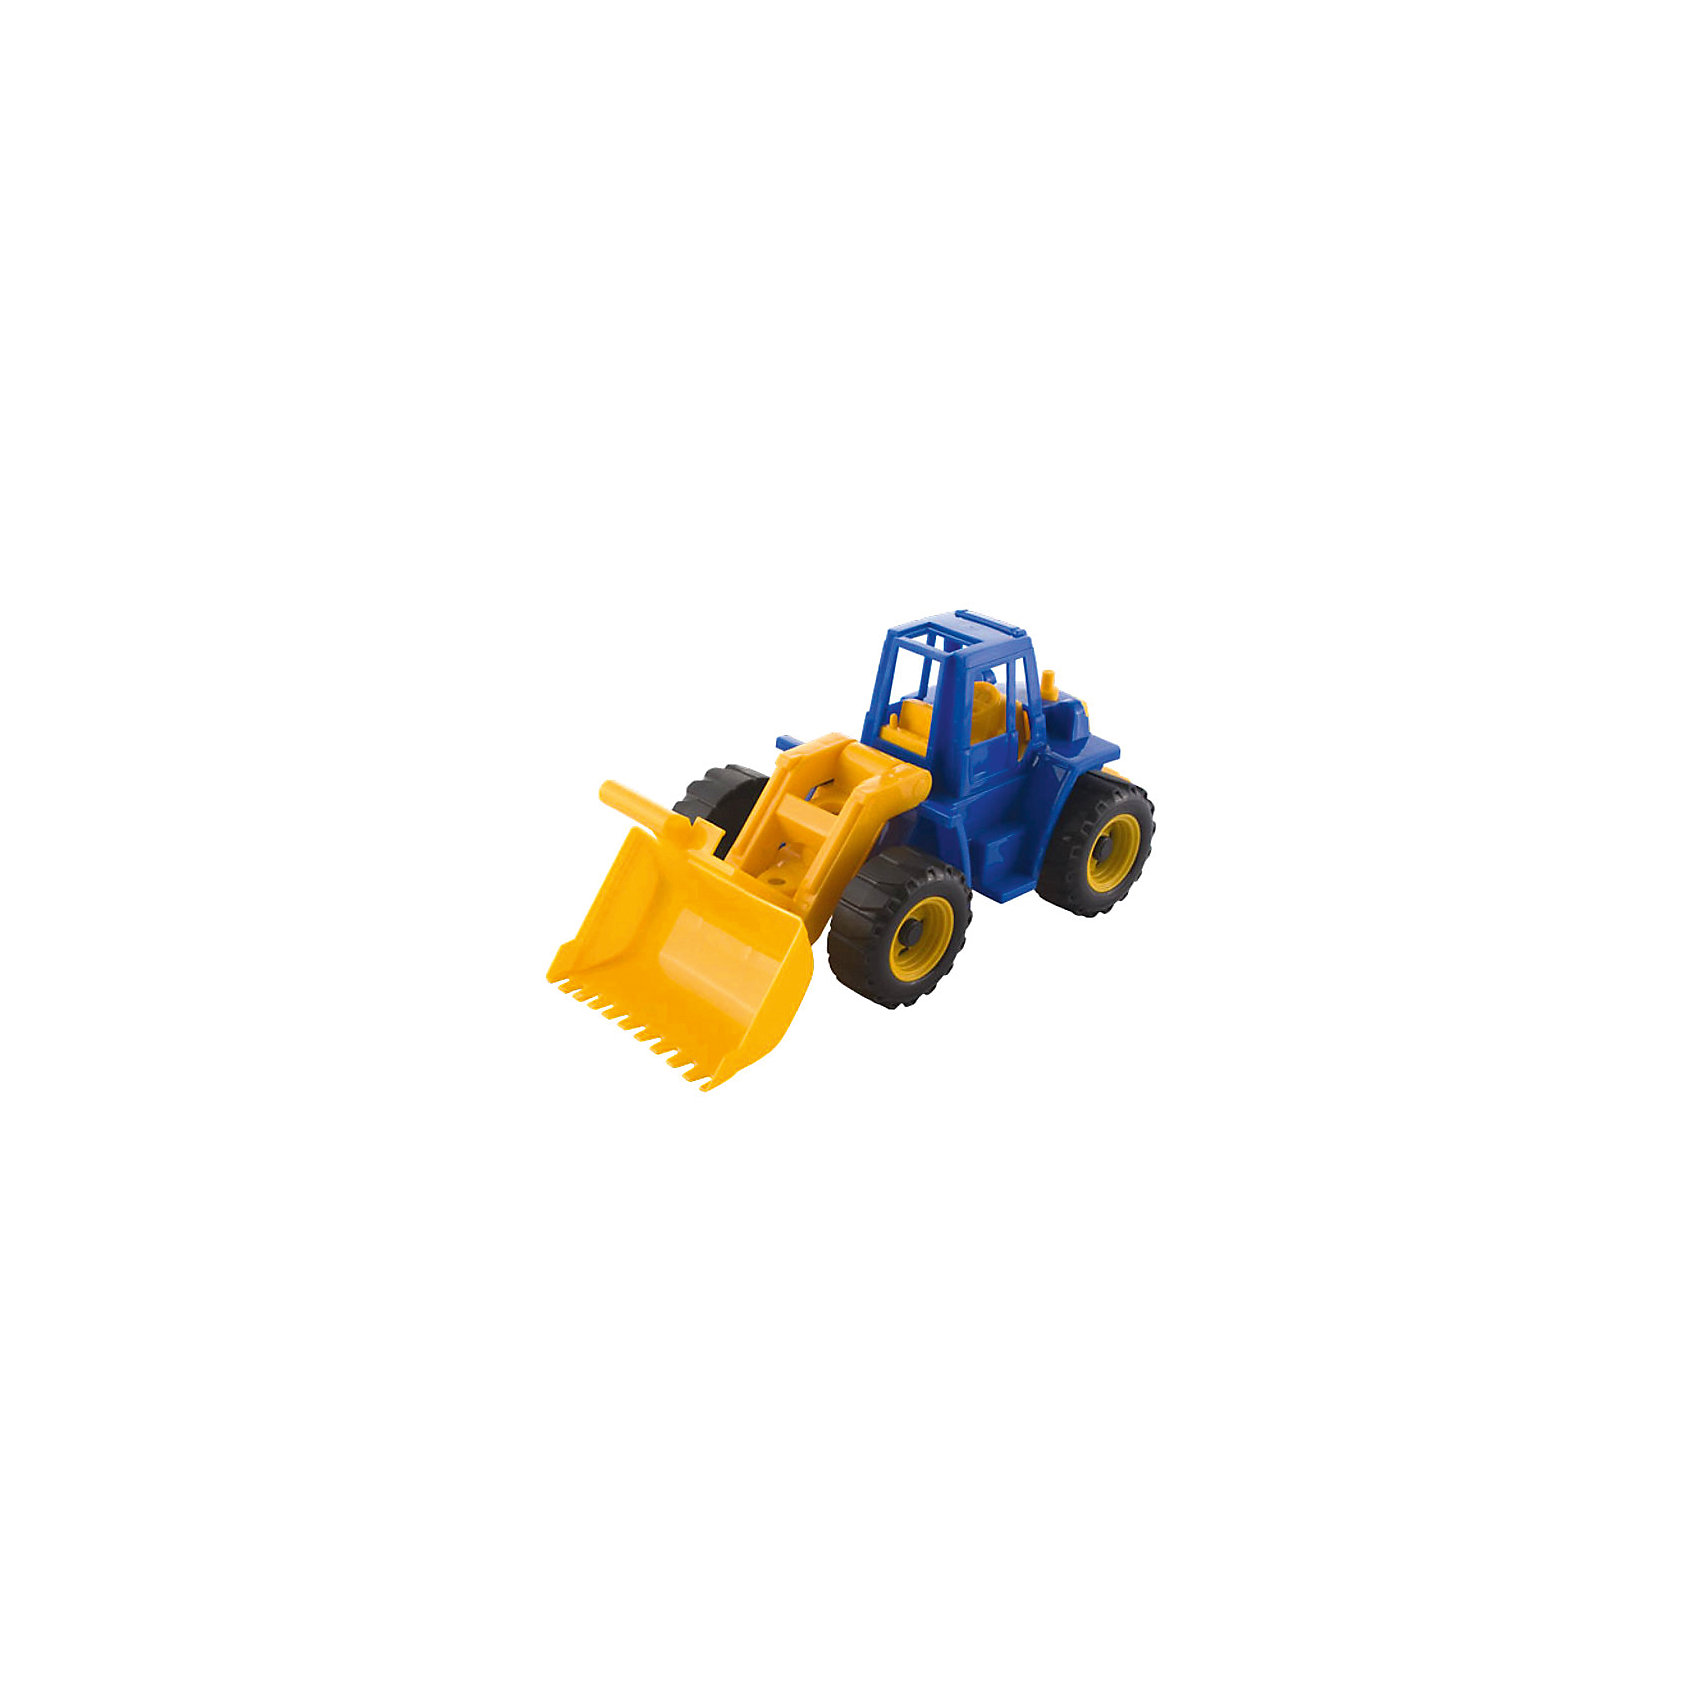 Трактор Ангара с грейдером, НордпластТрактор Ангара с грейдером, Нордпласт – это яркая пластмассовая машина, которой интересно будет играть вашему мальчику.<br>Яркий большой трактор Ангара от компании Нордпласт прекрасно подойдет для игр, как в помещении, так и на улице. У трактора большой грейдер, который опускается и поднимается. С помощью грейдера можно копать траншеи, строить и убирать дороги и придумать много интересных и увлекательных игр. А в строительстве песочных замков, домов или плотин он станет незаменим! В кабине трактора есть сиденье, и в нее можно посадить маленькую фигурку водителя. Две пары крупных рефренных колес обеспечивается отличное сцепление с поверхностью, а значит, трактор может преодолеть даже самые «непроходимые» песочные горки. Игрушка изготовлена из высококачественной пищевой пластмассы, без трещин и заусениц, поэтому во время эксплуатации выдержит многие детские шалости. Она покрыта нетоксичной краской, не облупливающейся и не выгорающей на солнце. Товар соответствует требованиям стандарта для детских игрушек и имеет сертификат качества.<br><br>Дополнительная информация:<br><br>- Материал: высококачественная пластмасса<br>- Размер: 16х16х,35,5 см.<br>- Вес: 360 гр.<br><br>Трактор Ангара с грейдером, Нордпласт можно купить в нашем интернет-магазине.<br><br>Ширина мм: 355<br>Глубина мм: 160<br>Высота мм: 160<br>Вес г: 360<br>Возраст от месяцев: 36<br>Возраст до месяцев: 72<br>Пол: Мужской<br>Возраст: Детский<br>SKU: 4112741